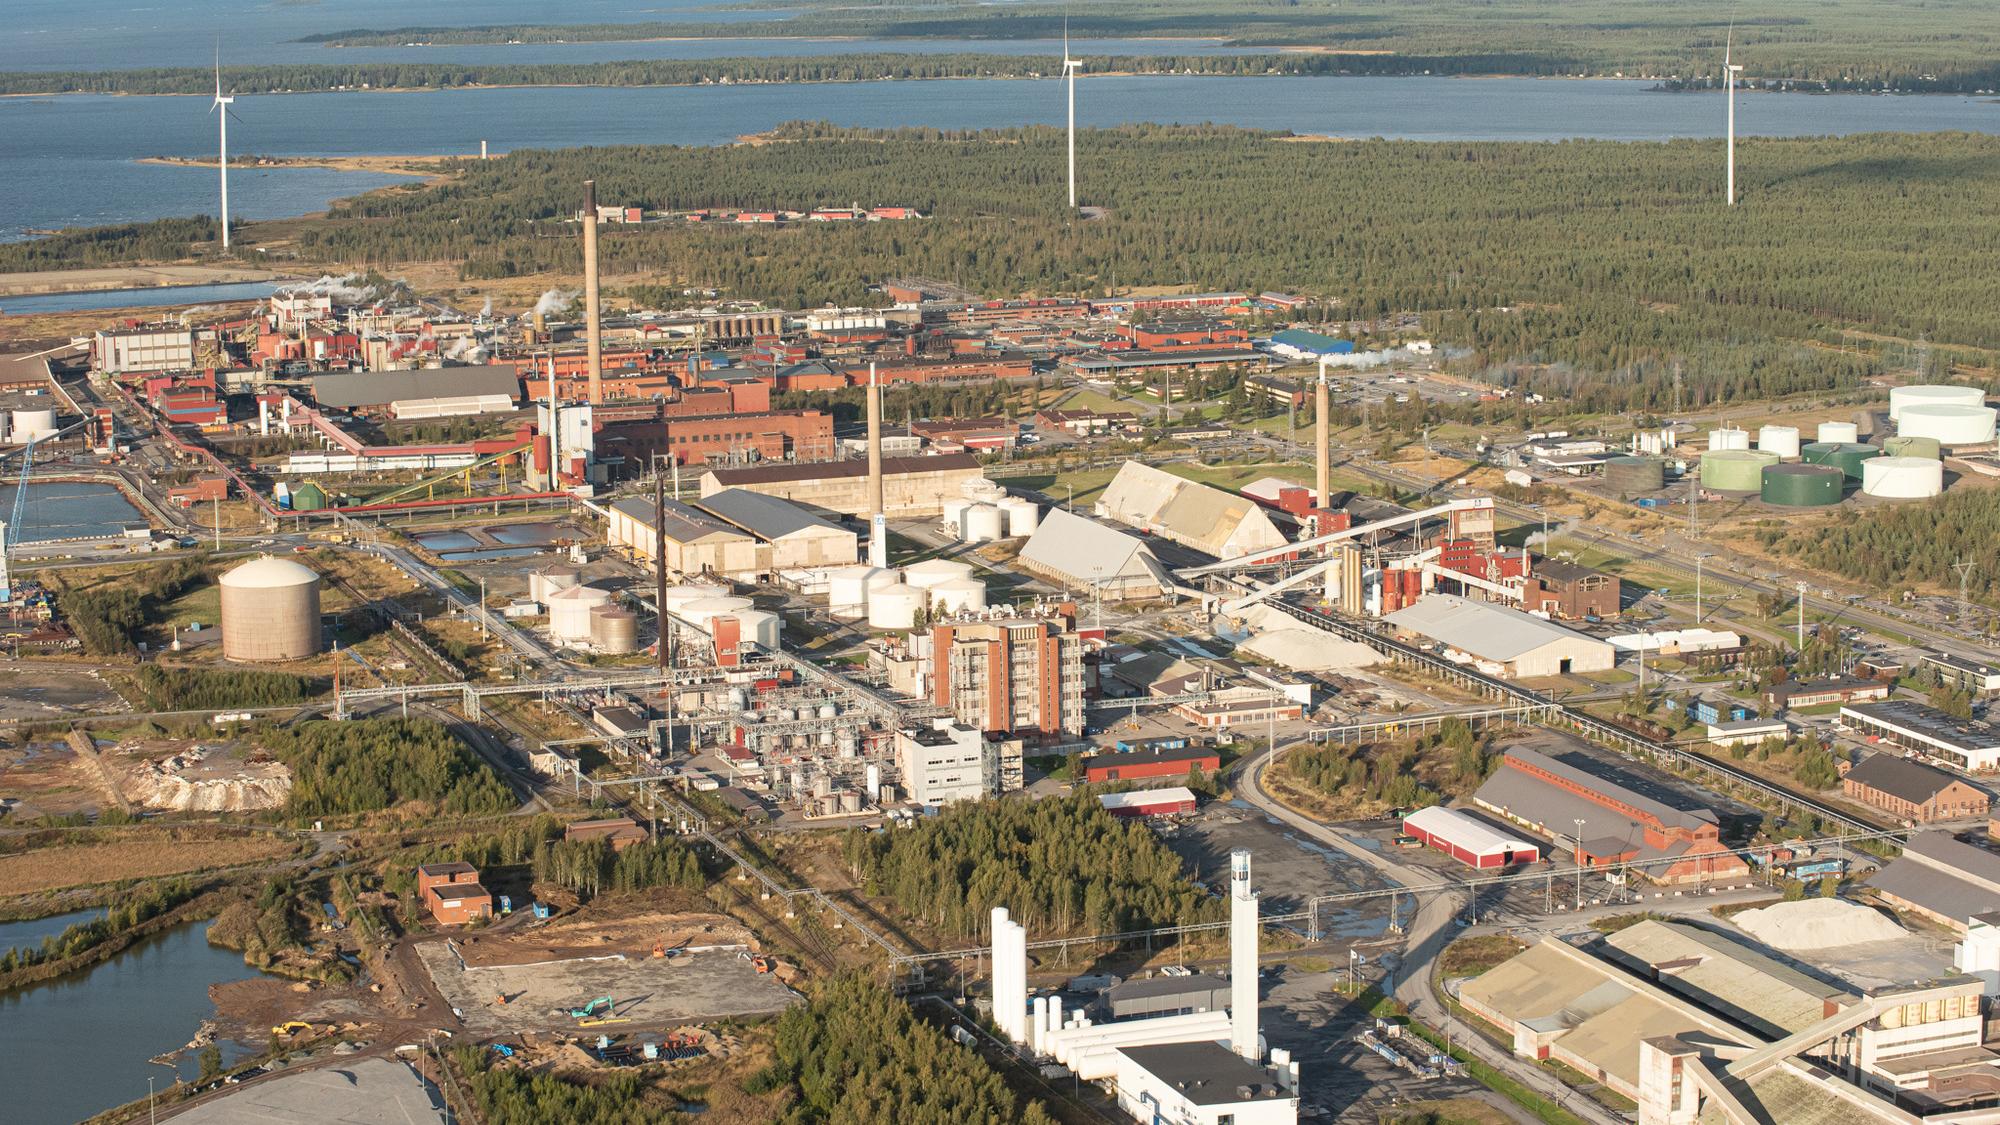 Yläviistosta kuvattu näkymä Kokkolan suurteollisuusalueesta tehdasrakennuksineen. Taustalla näkyy metsää tuulimyllyineen ja kauempana näkyy meri.